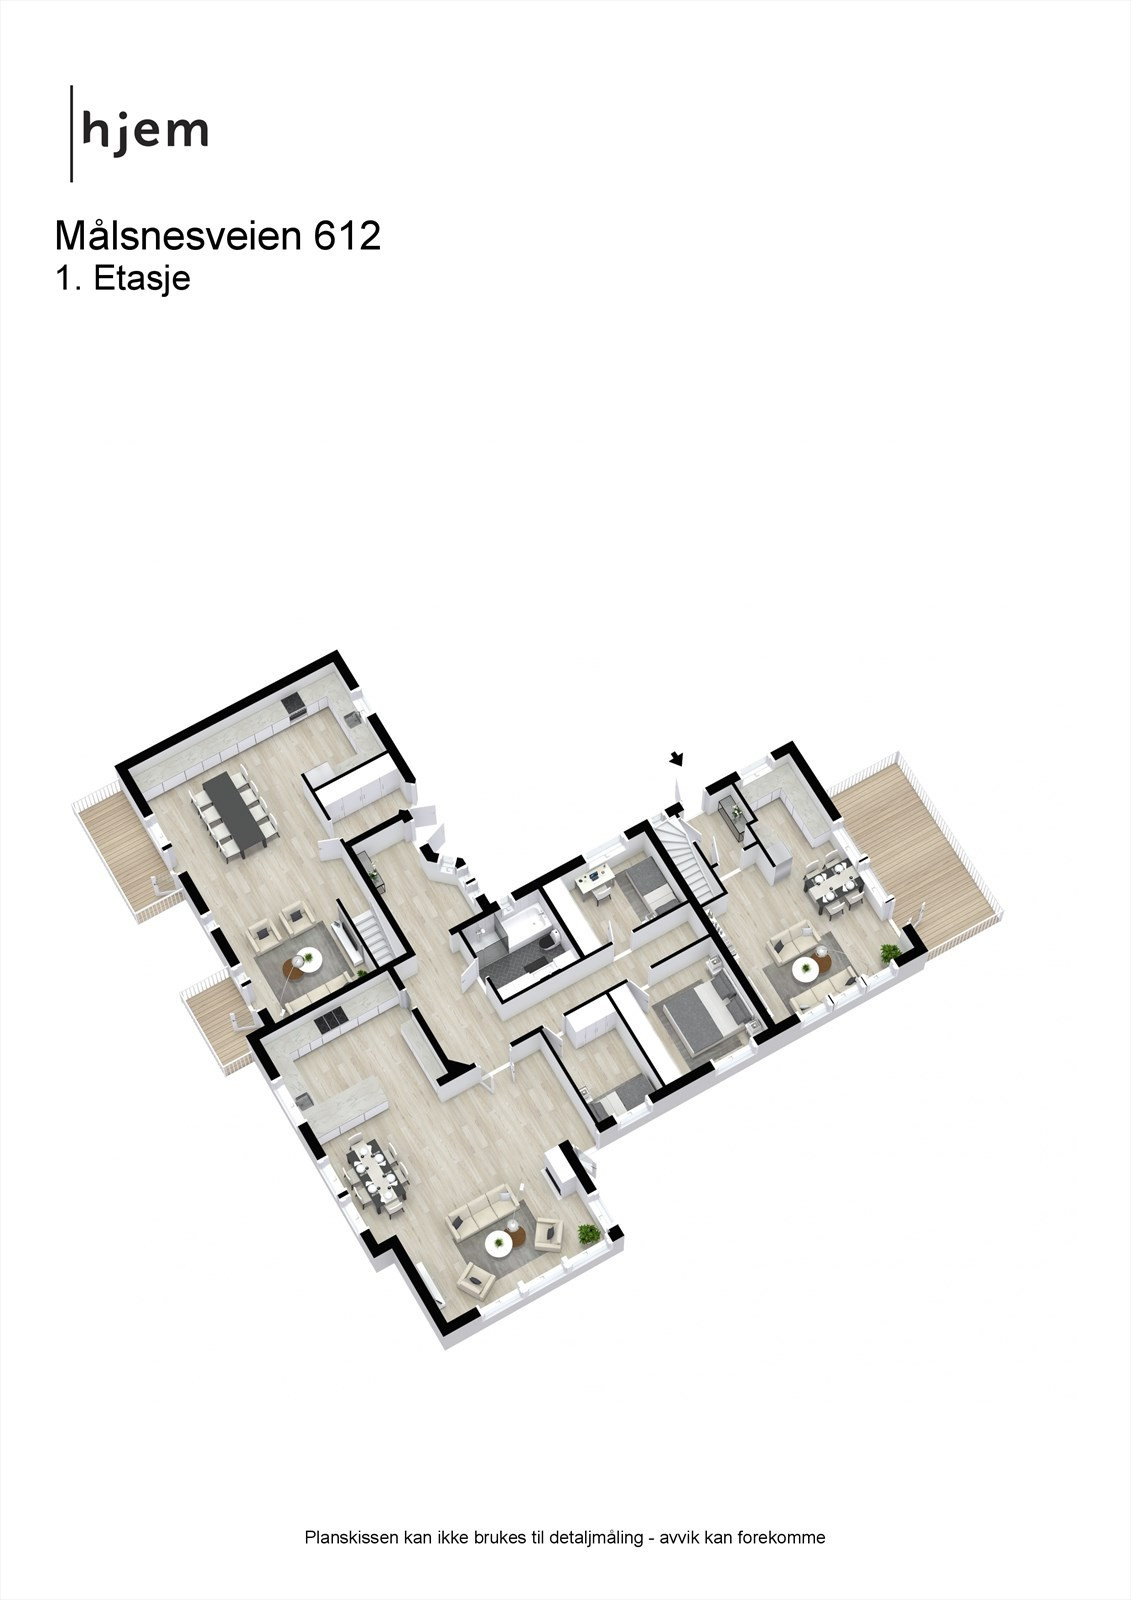 Målsnesveien 612 - 3D - 1. Etasje - alternativ løsning med 3 leiligheter